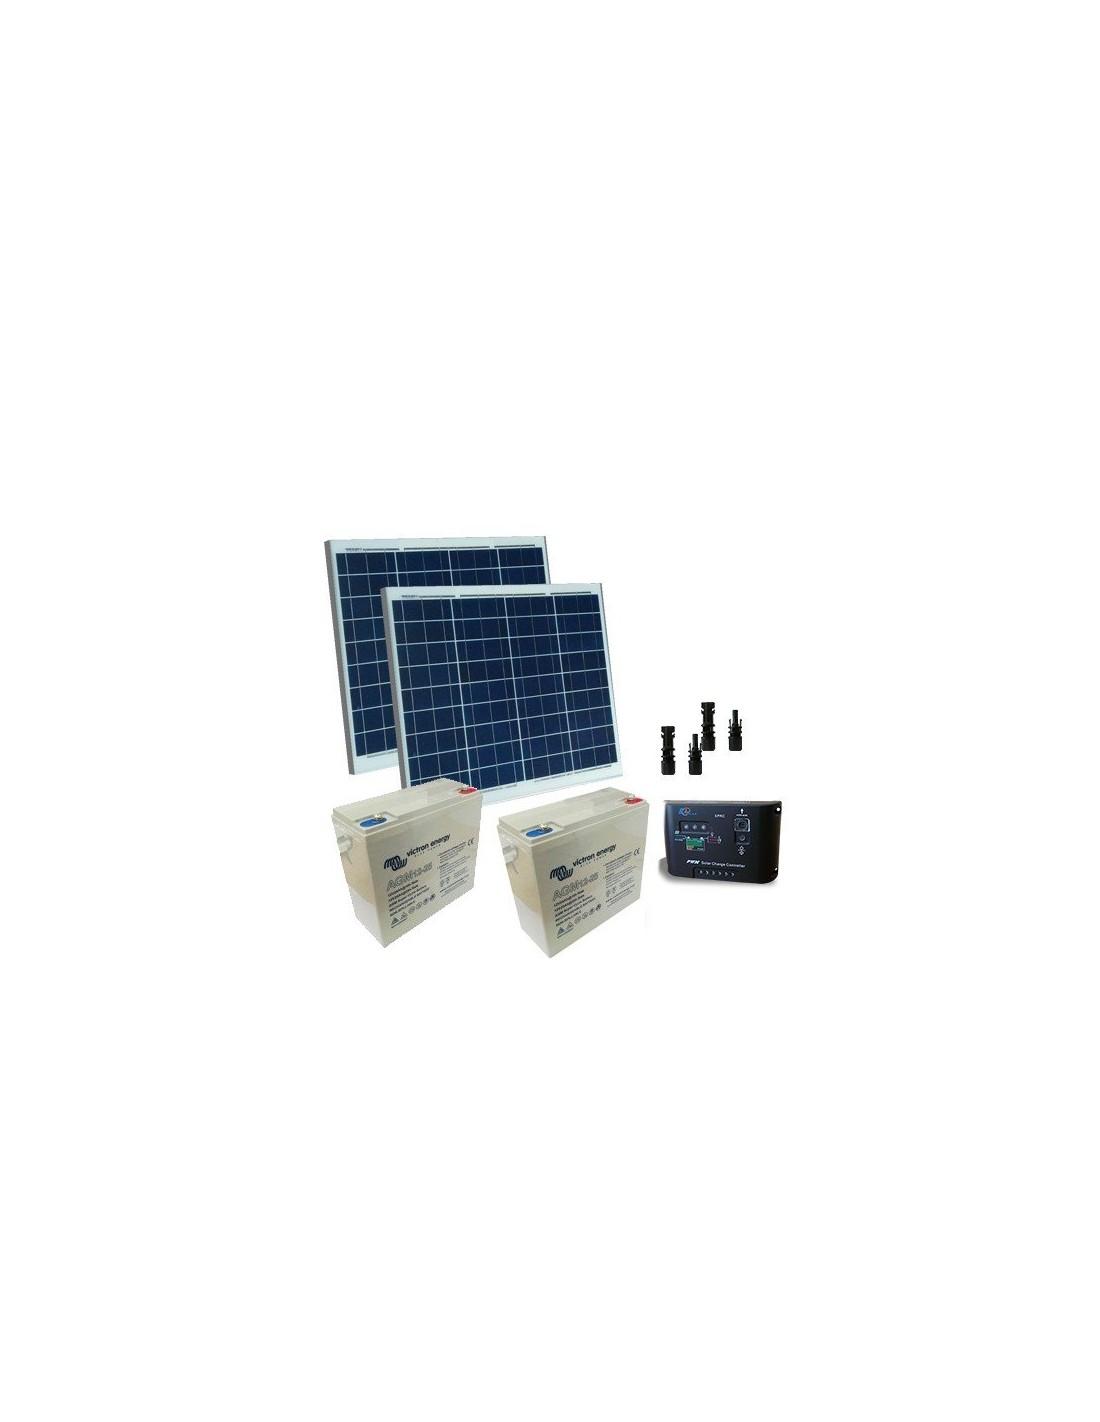 Schema Elettrico Regolatore Di Carica Per Pannelli Solari : Kit solare cancelli elettrici w v pannelli solari regolatore